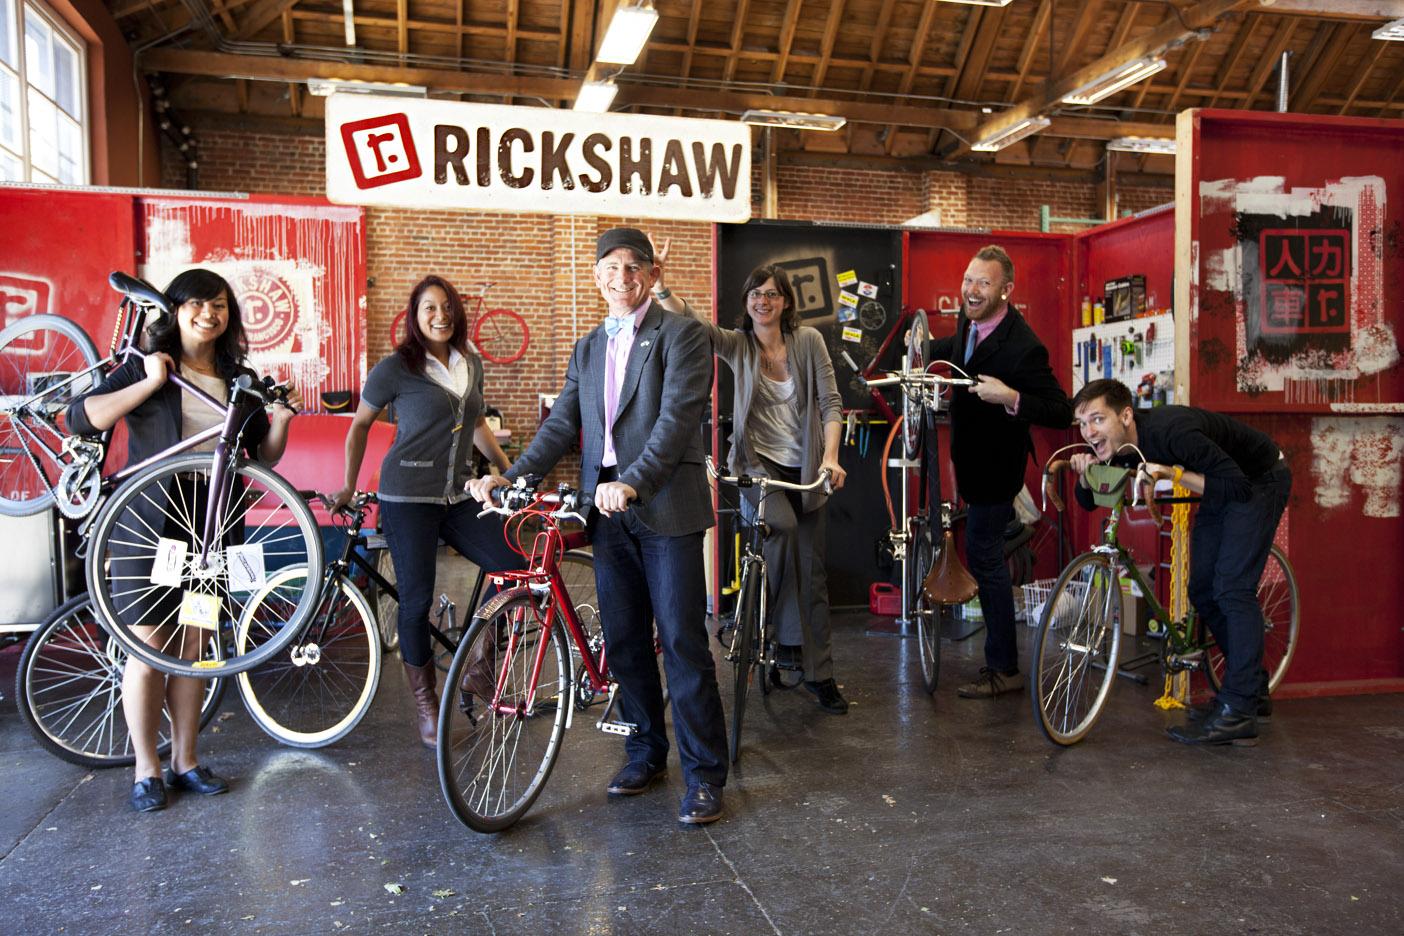 rickshawteampic.jpg